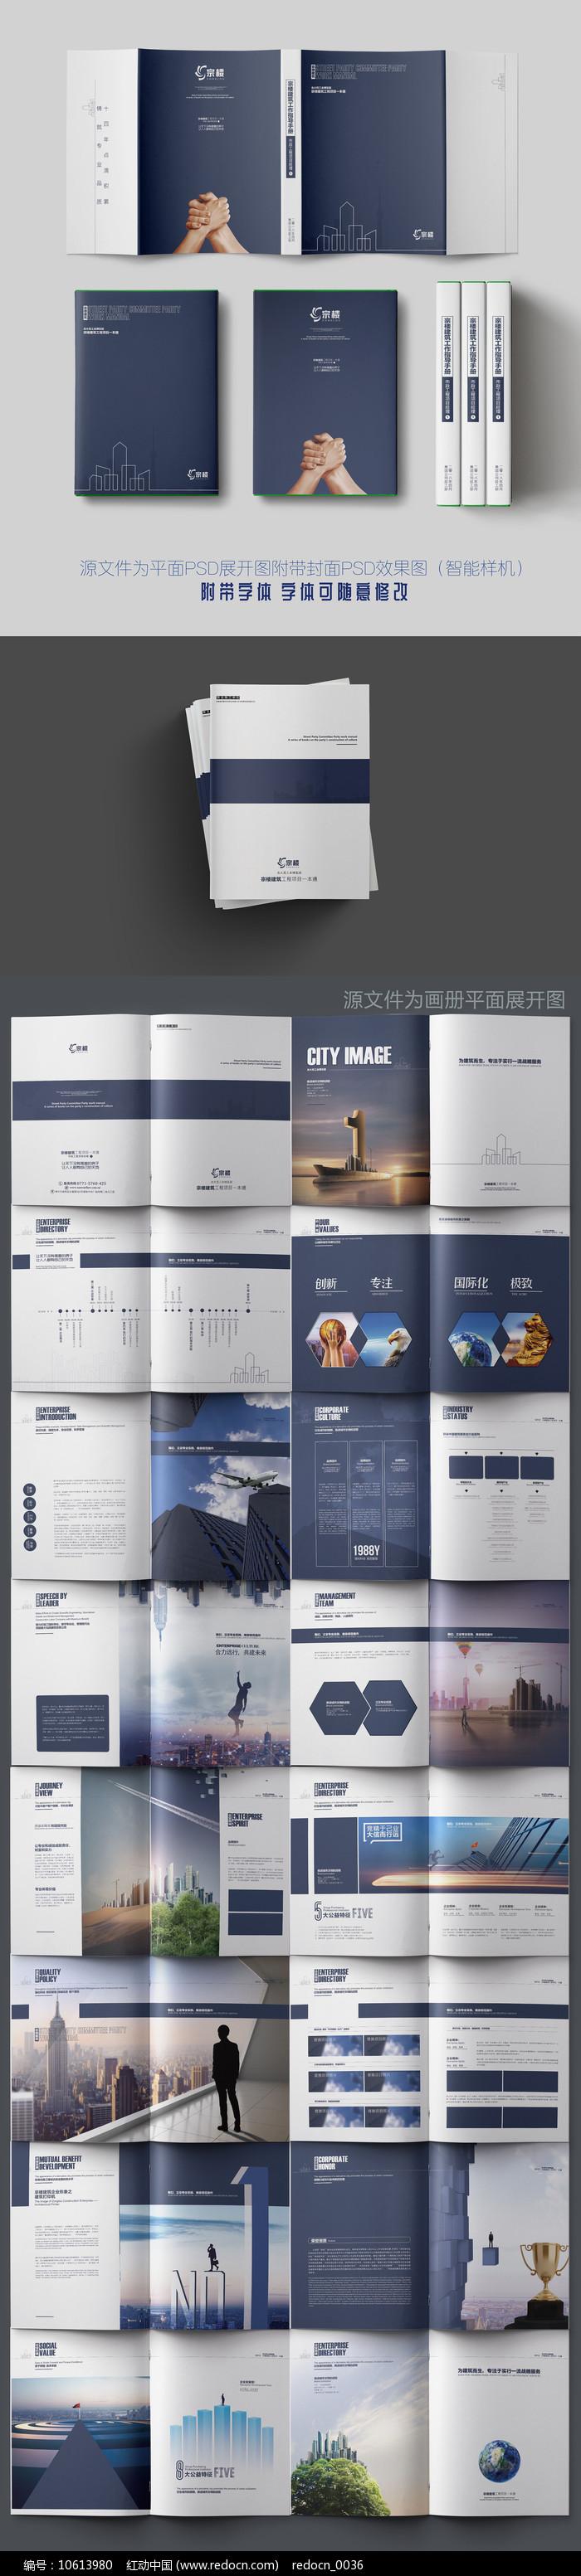 高端大气建筑工程画册图片